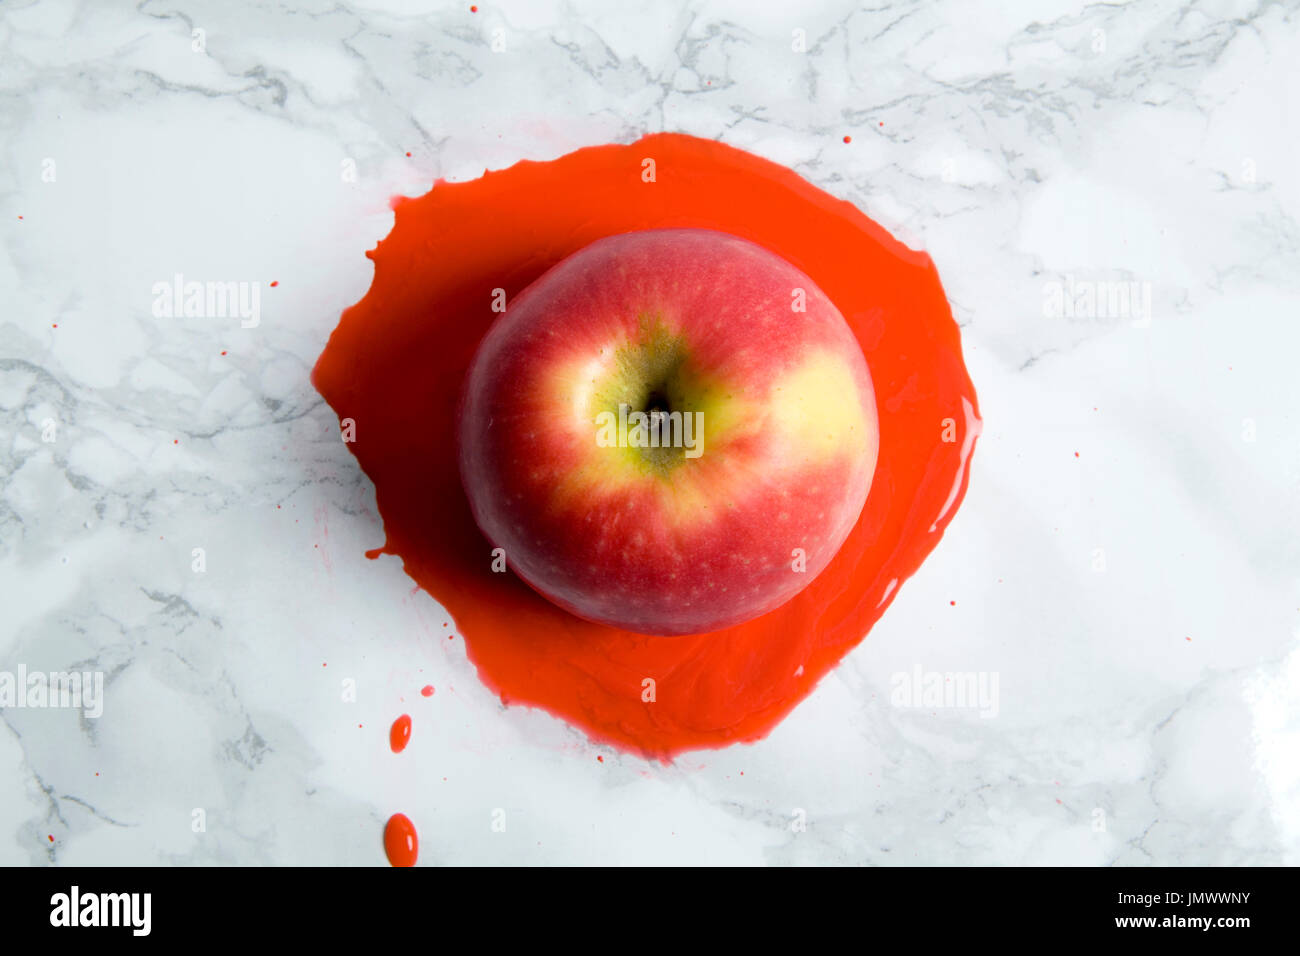 Un identifiant Apple sur une fusion en arrière-plan. couleur minimal still life photography Photo Stock